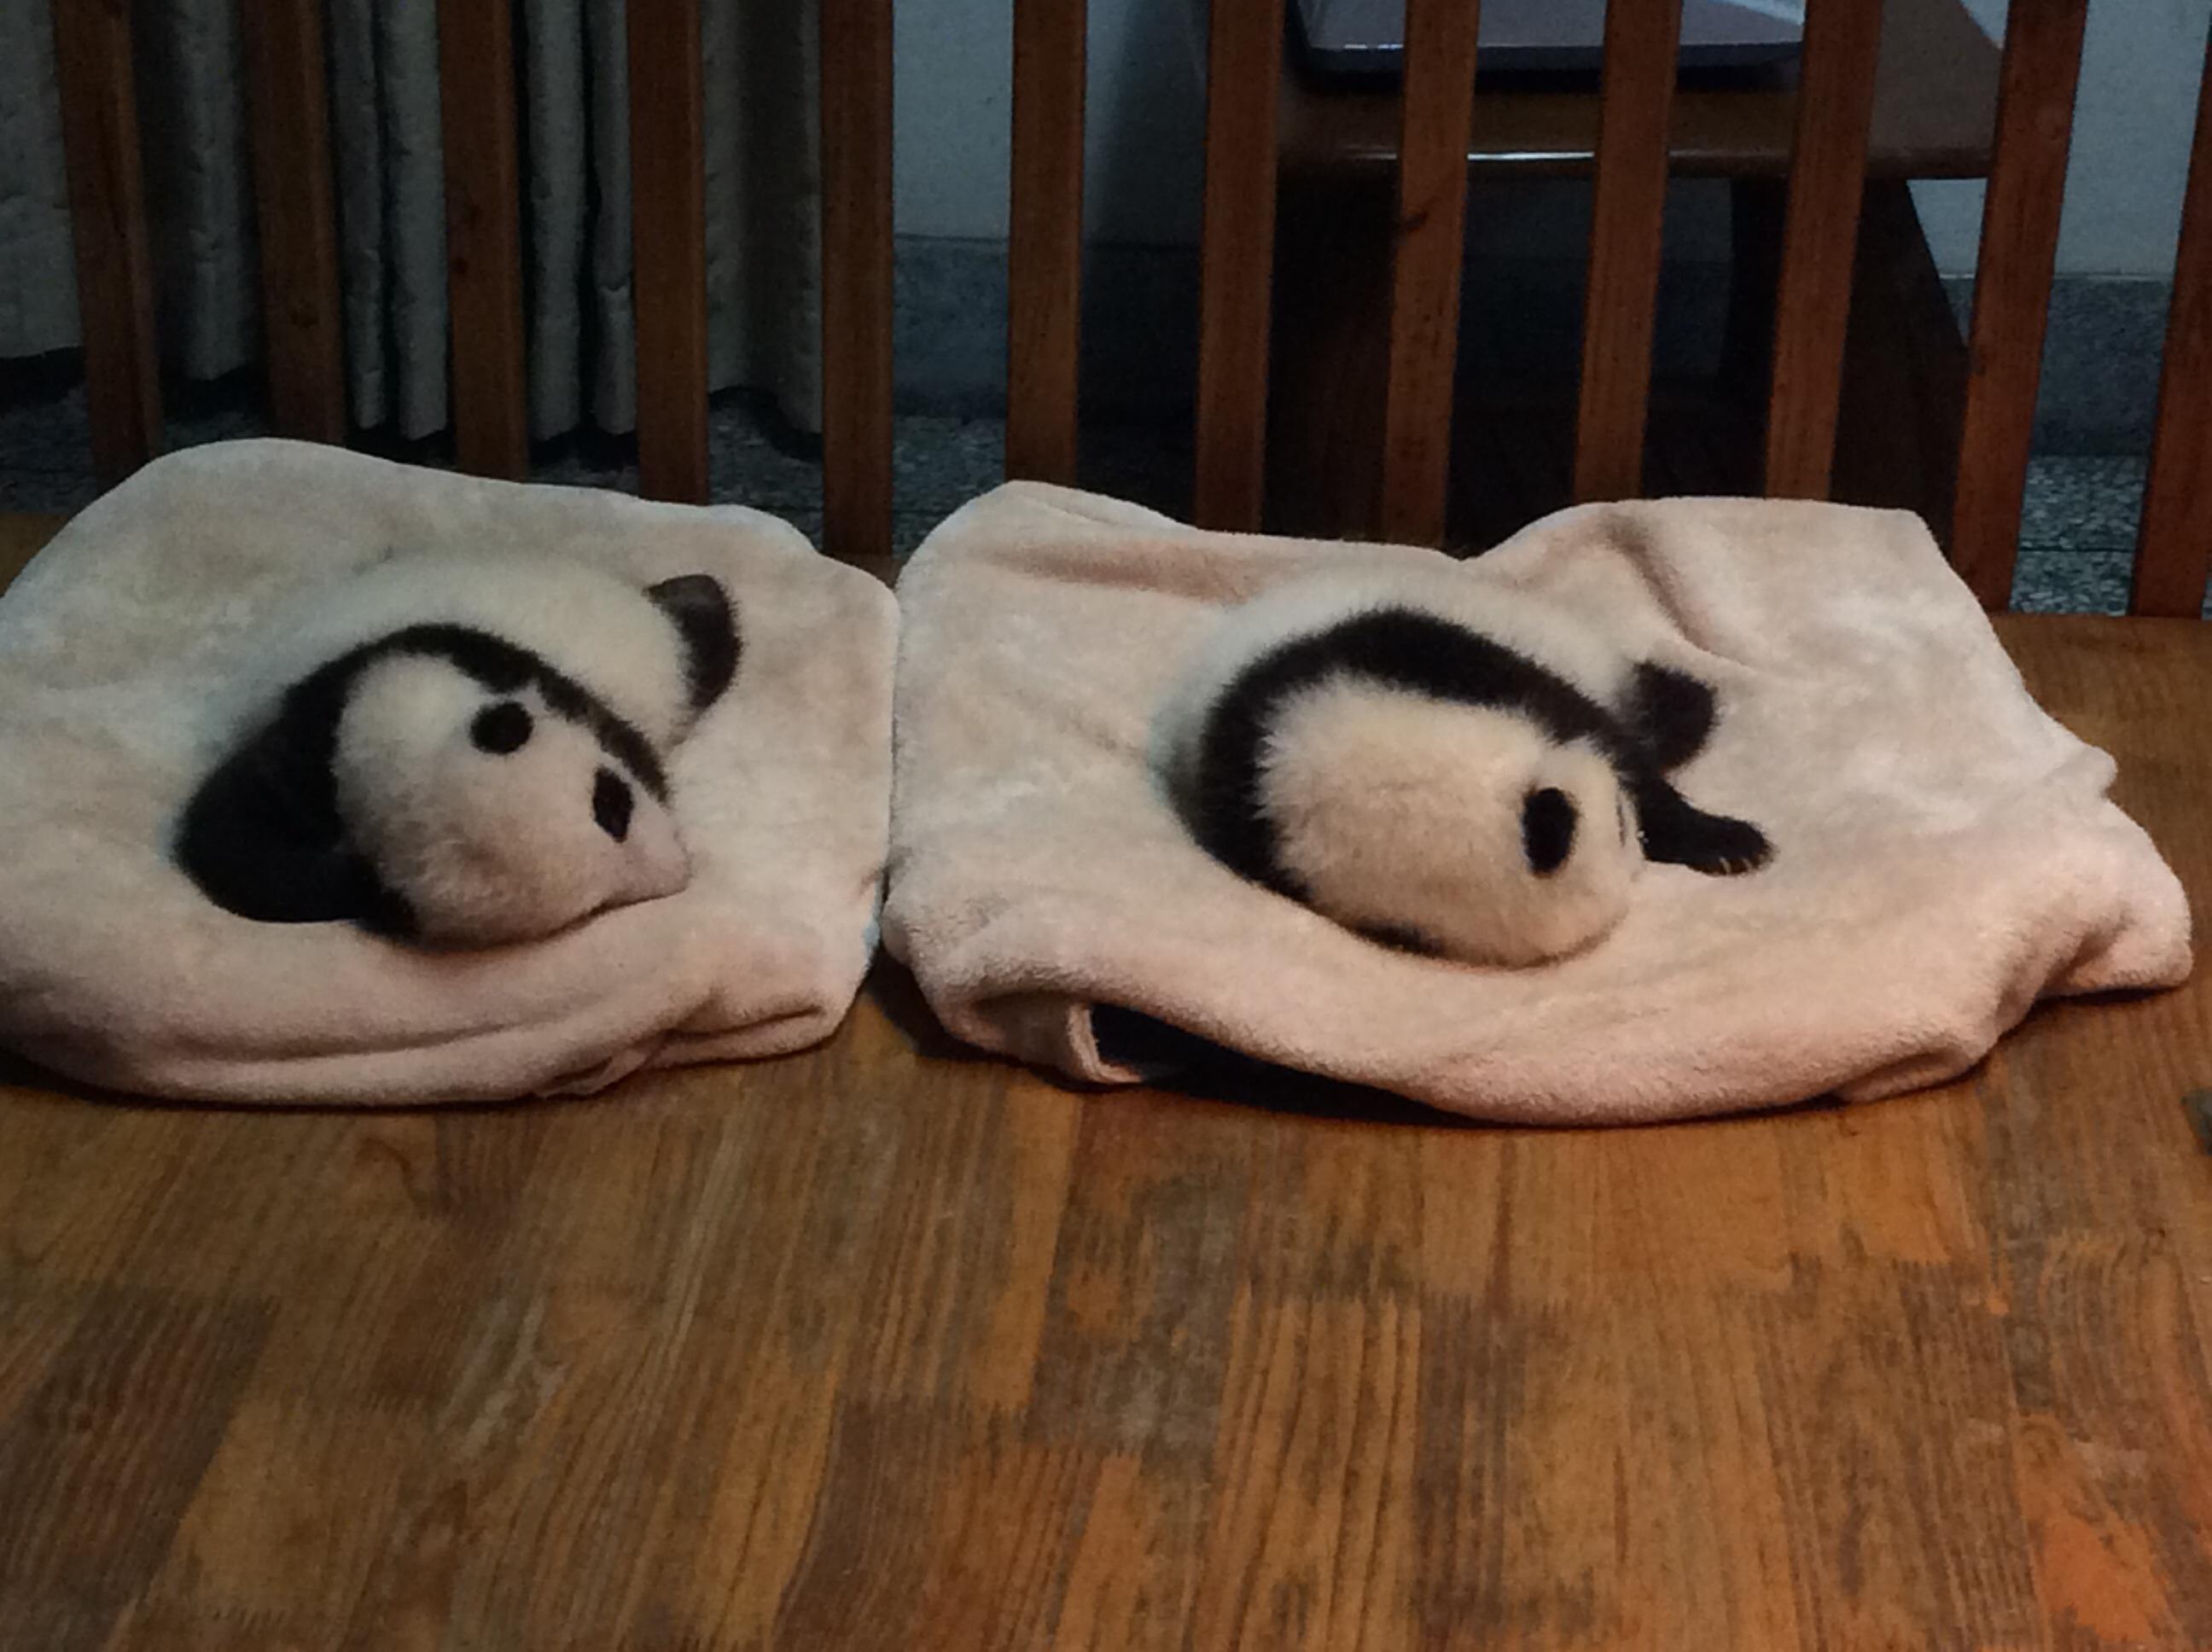 大熊猫就在眼前,吃竹子时懒懒的样子,趴在木栏杆上睡觉的样子,还有爬